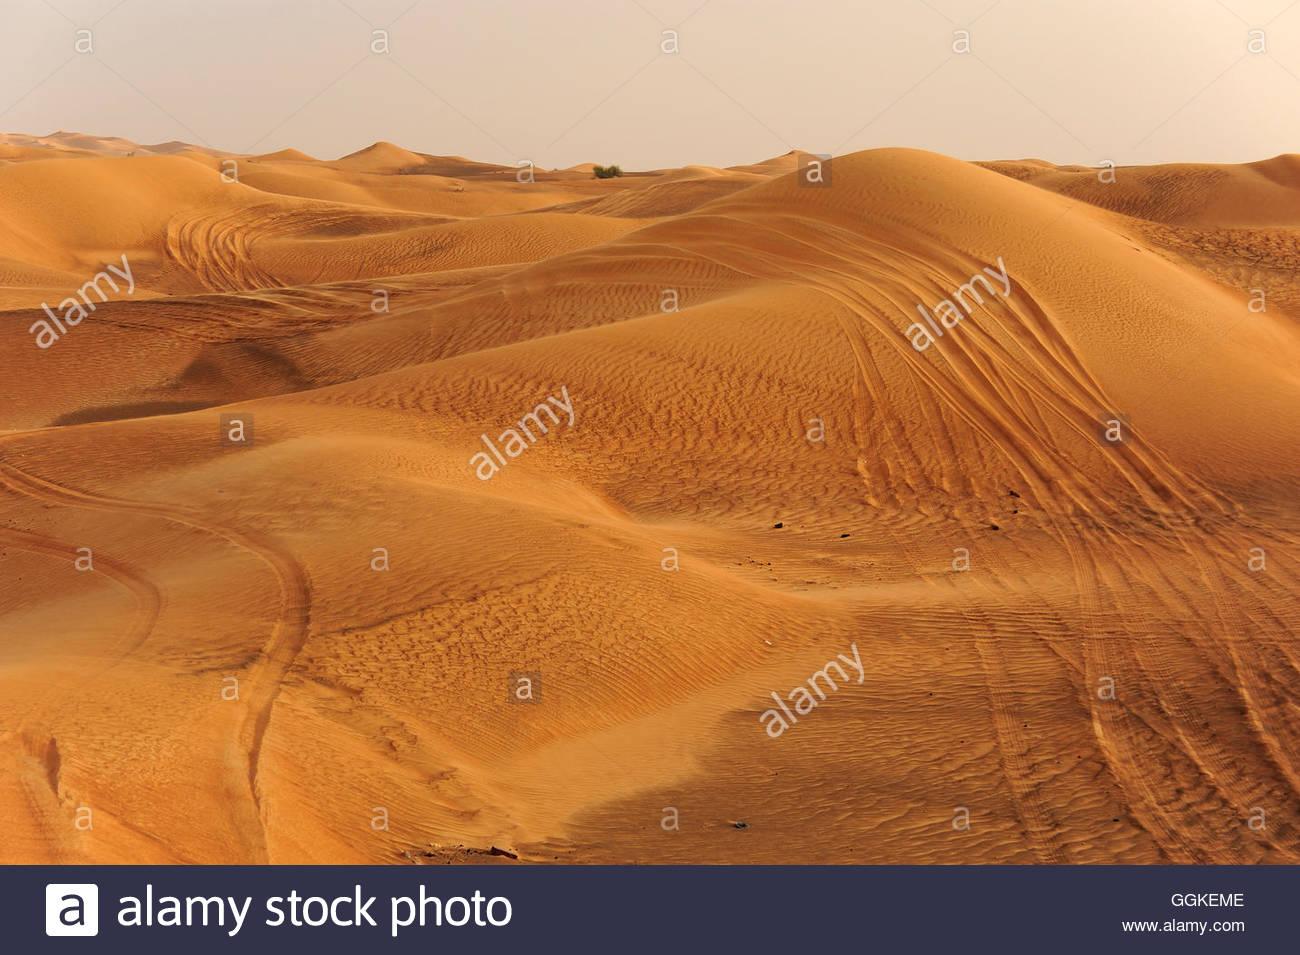 Skid marks in the desert near Dubai, United Arab Emirates - Stock Image